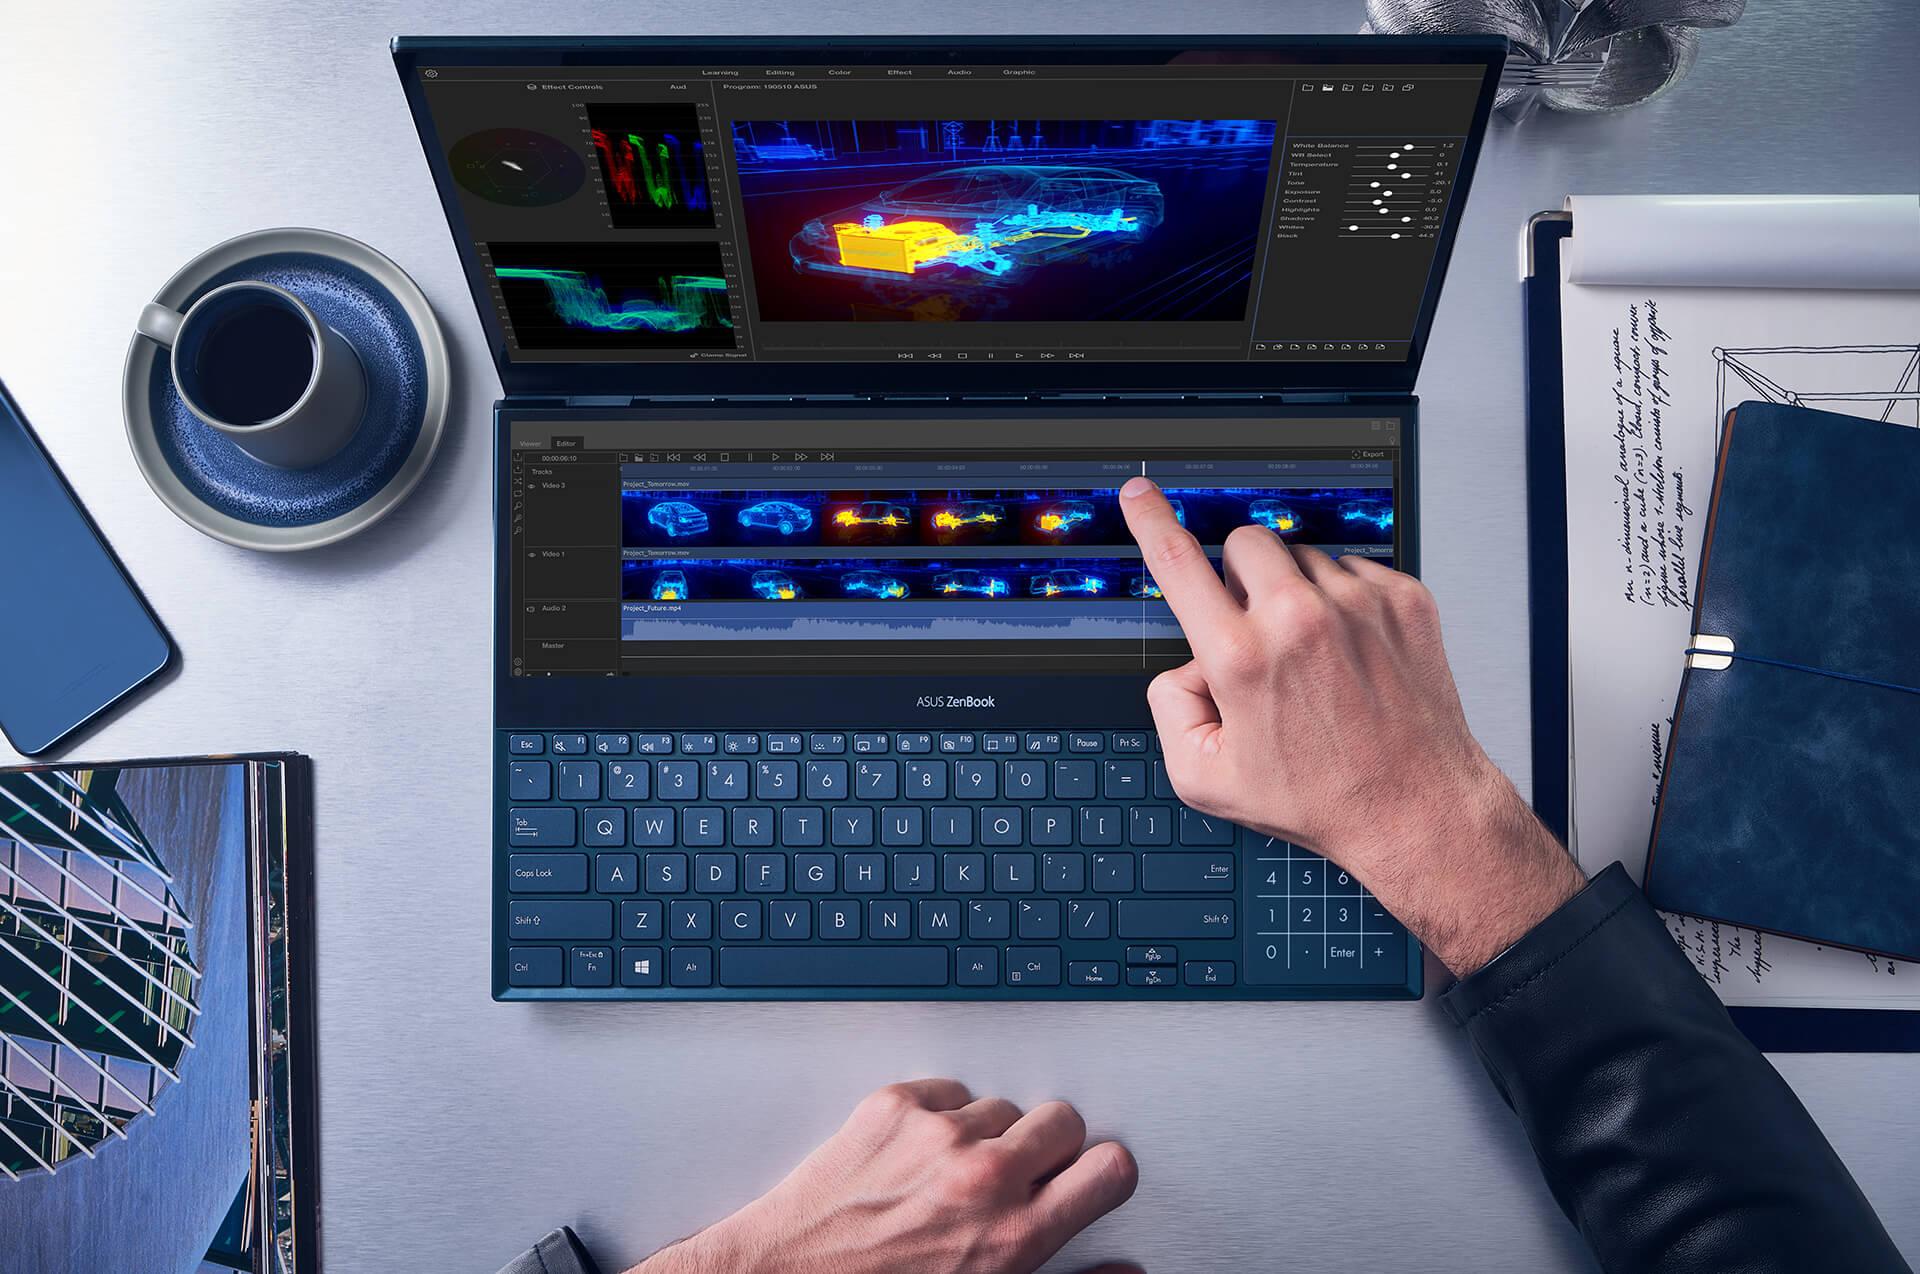 لابتوب أسوس زينبوك ديو - جي فورس MX250 بسعة 2 جيجابايت - كور i7 - رام 16 جيجابايت - سعة تخزين 1 تيرابايت إس إس دي - شاشة 14 بوصة